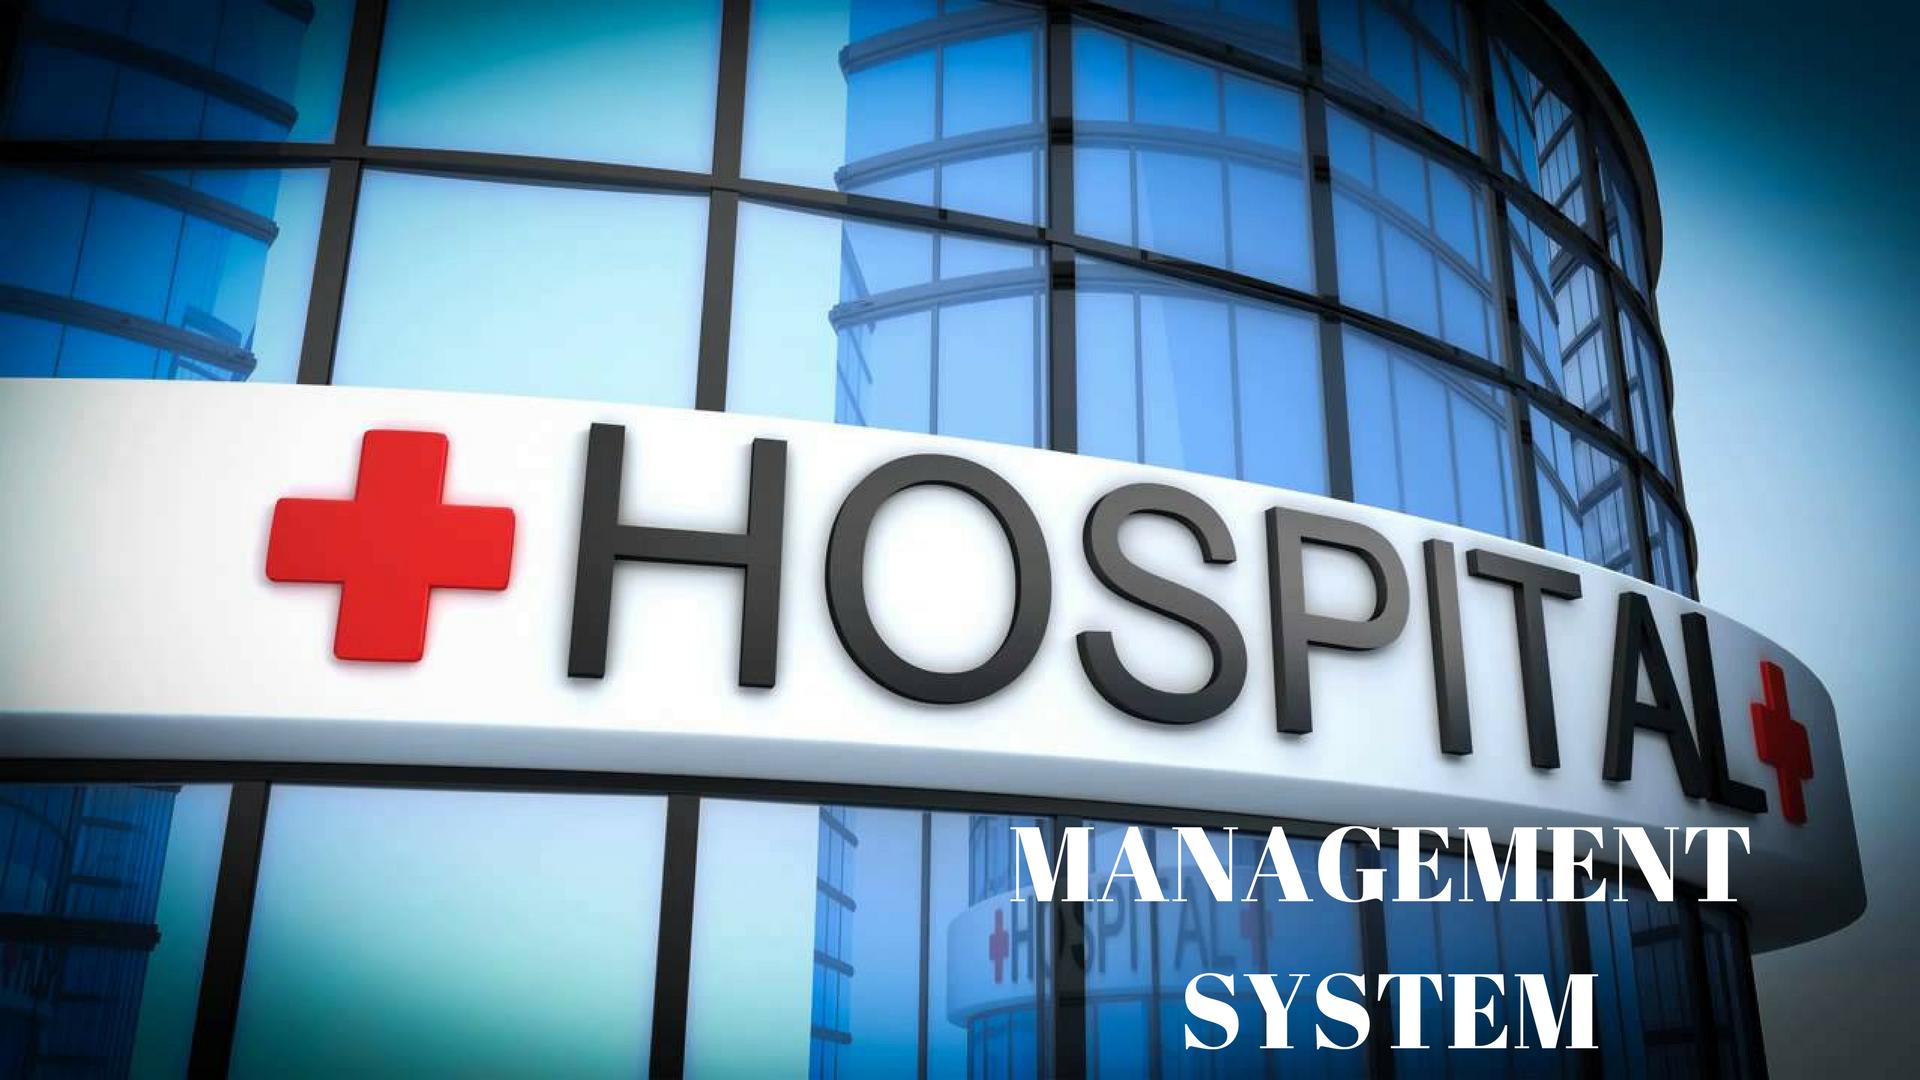 Hospital Management System - Hospital PNG HD Images